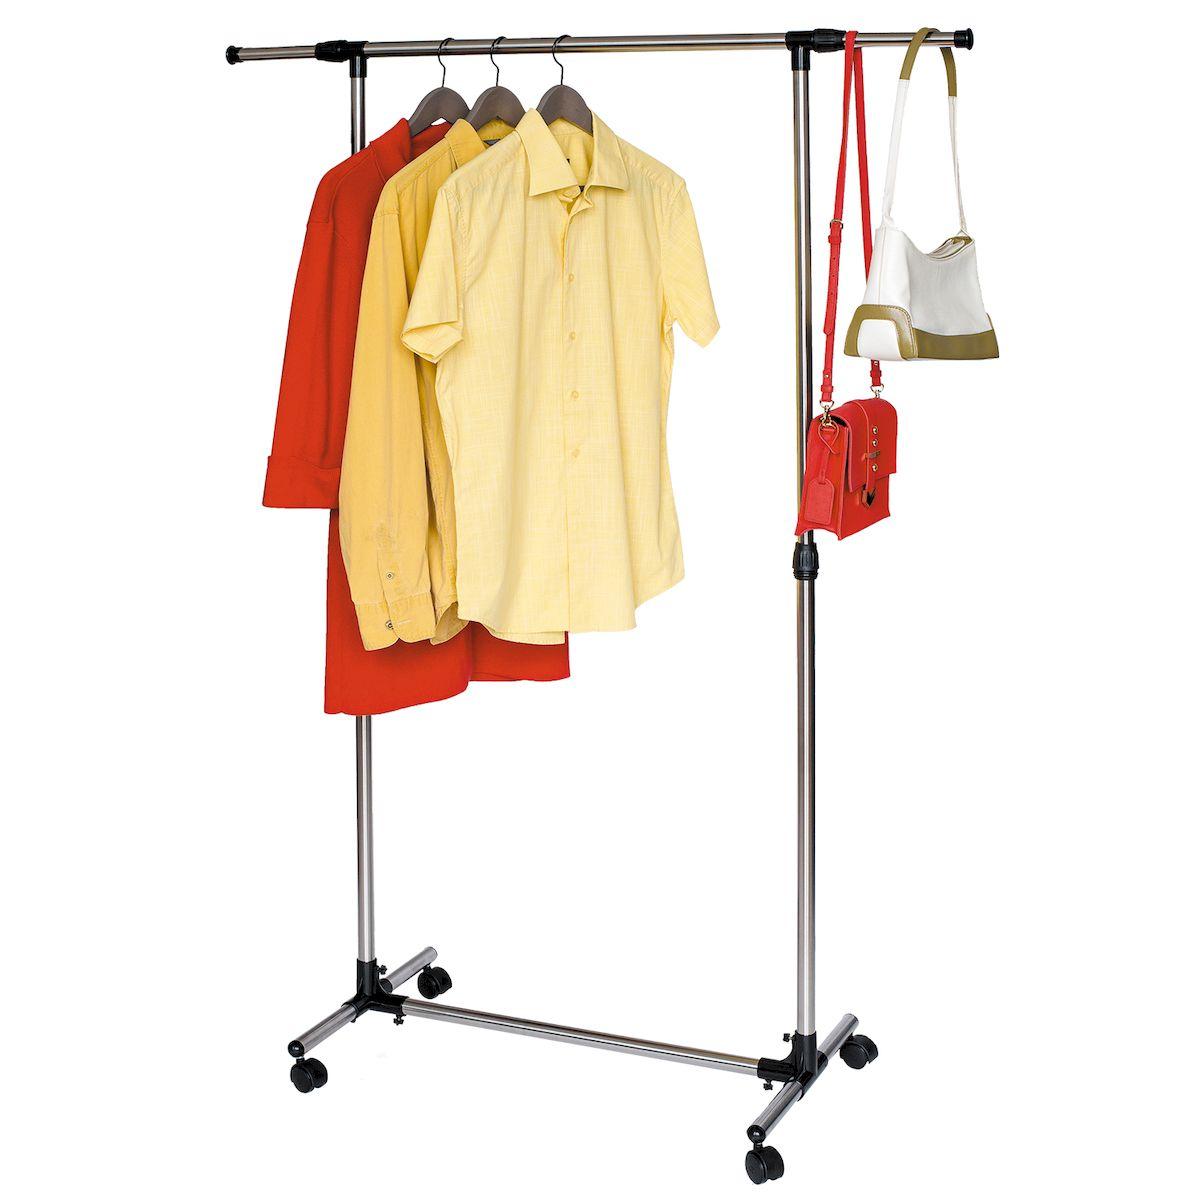 Стойка для одежды Tatkraft PEGASUS, с усиленной базой, боковые телескопические штанги laptop cpu cooler fan for inspiron dell 17r 5720 7720 3760 5720 turbo ins17td 2728 fan page 9